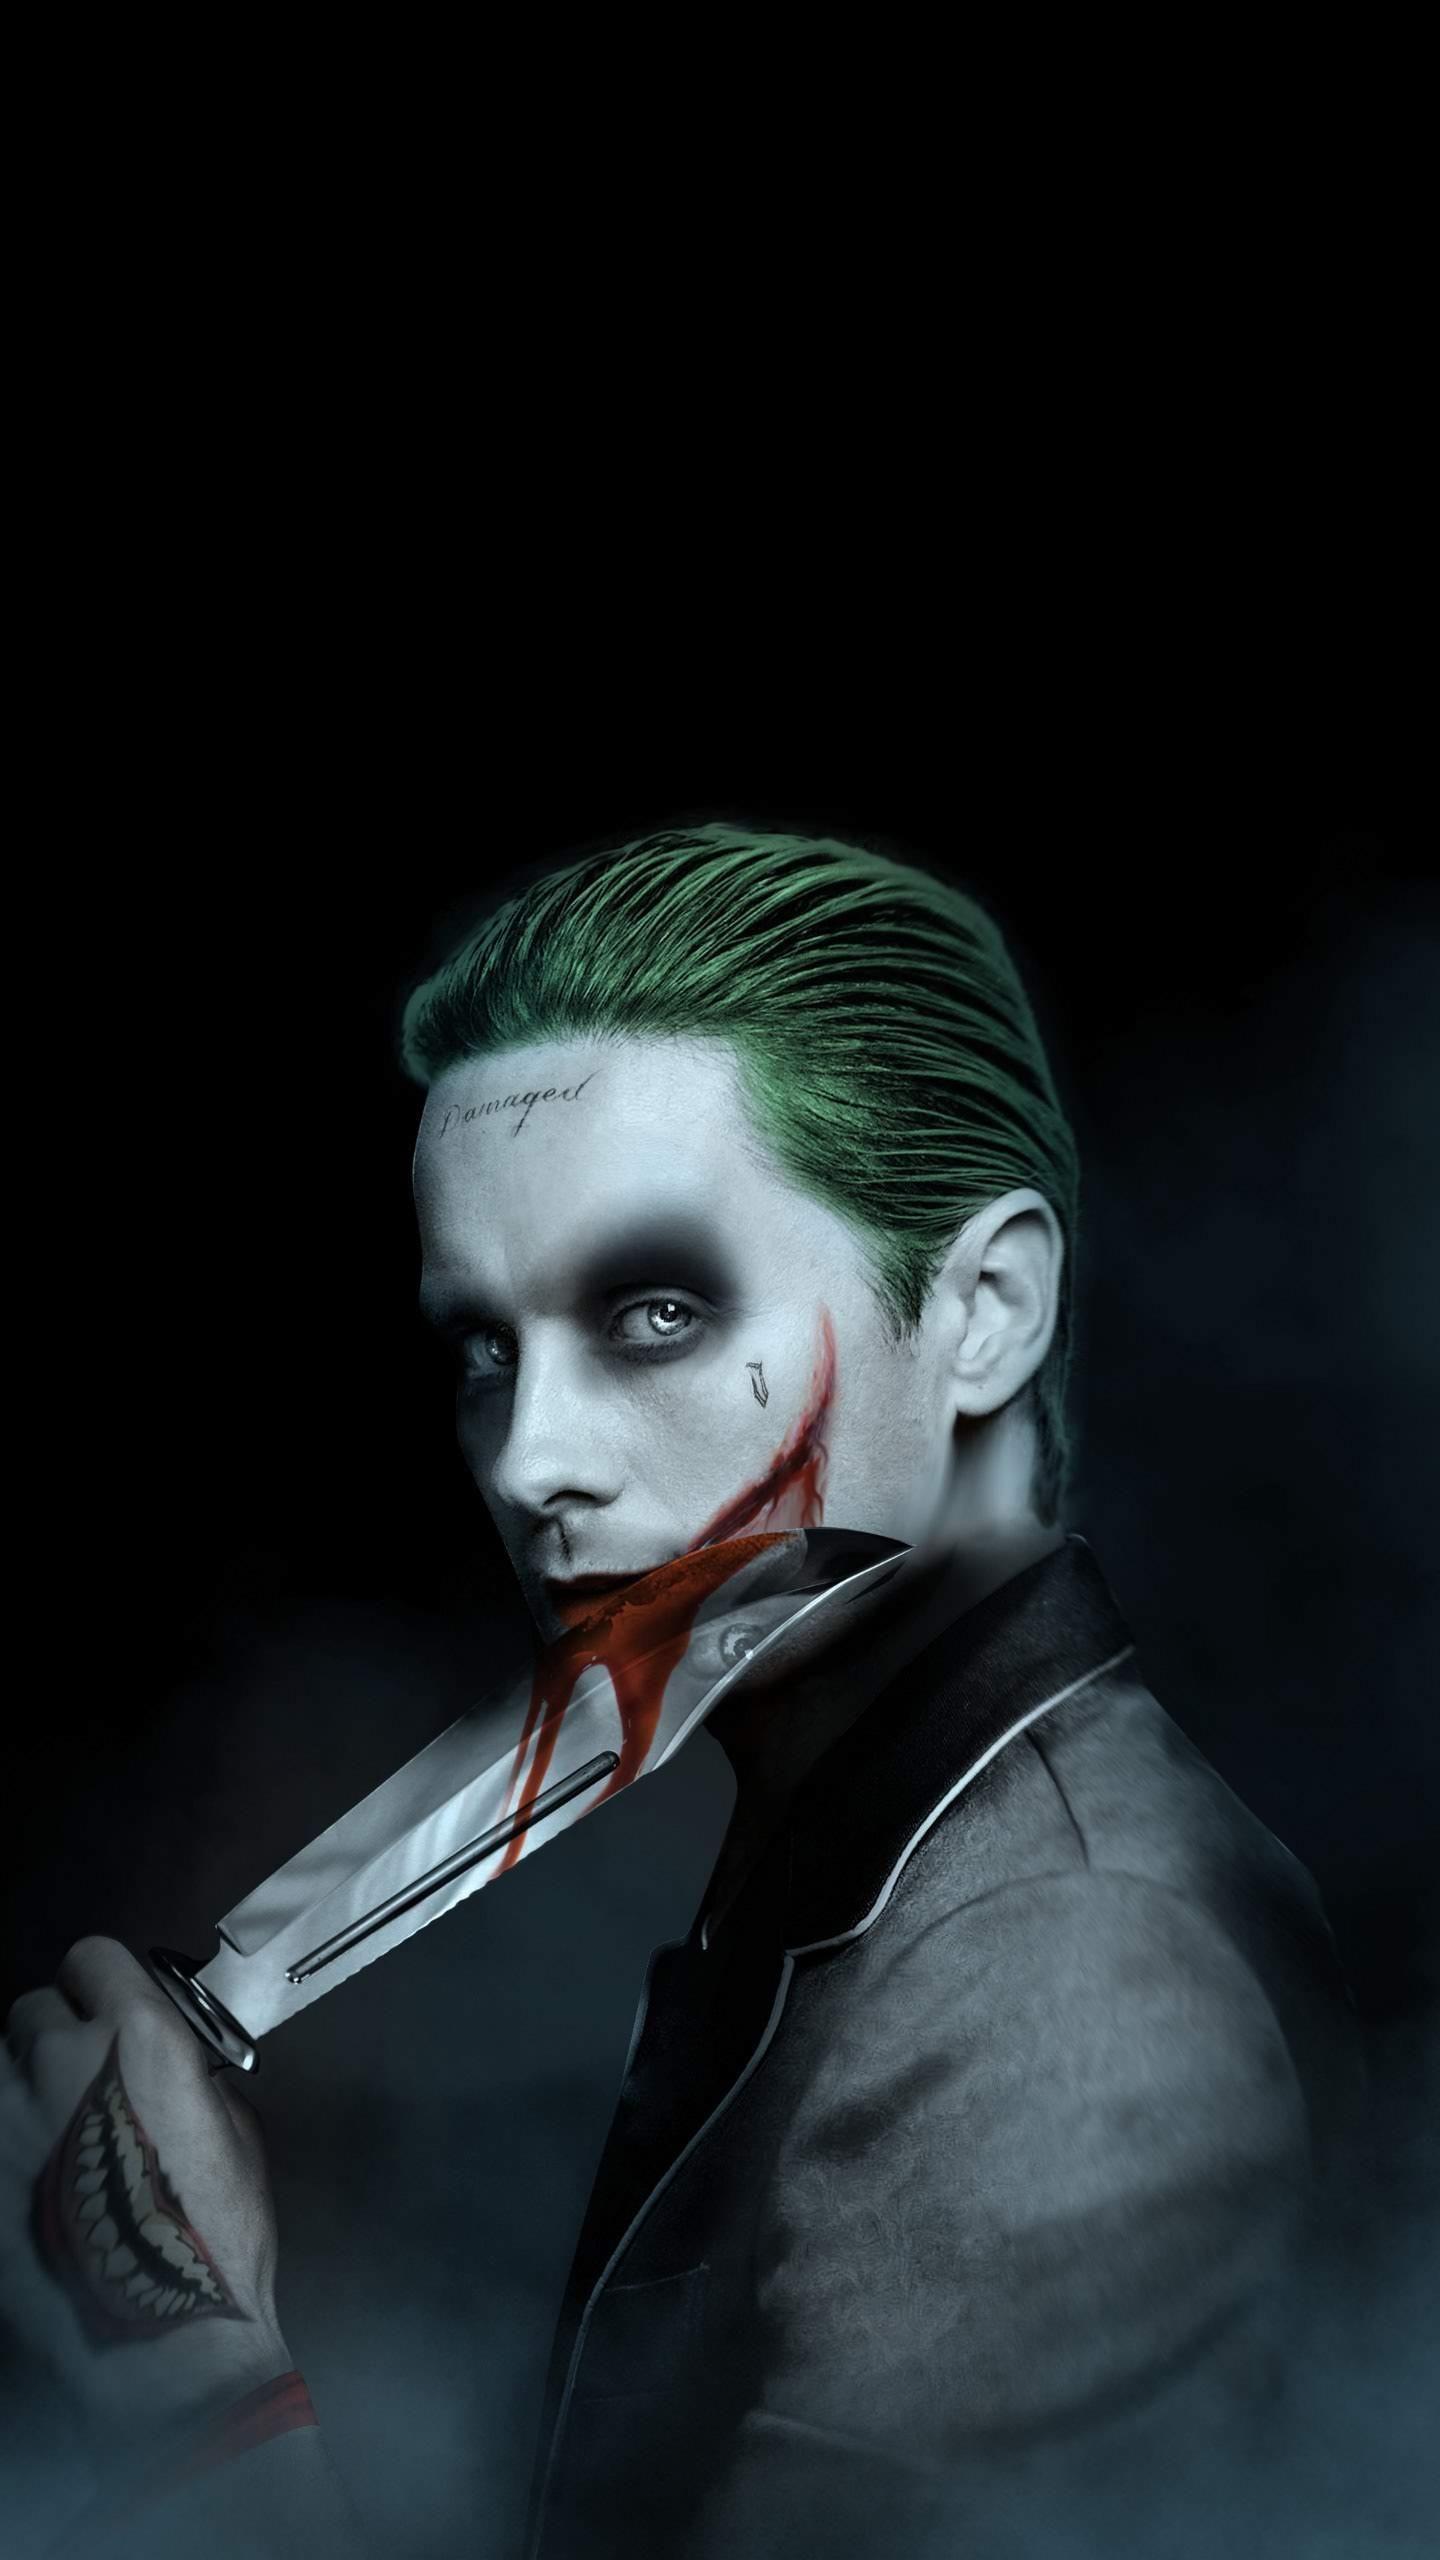 The Joker Iphone Wallpaper - Suicide Squad Joker Wallpaper Iphone , HD Wallpaper & Backgrounds